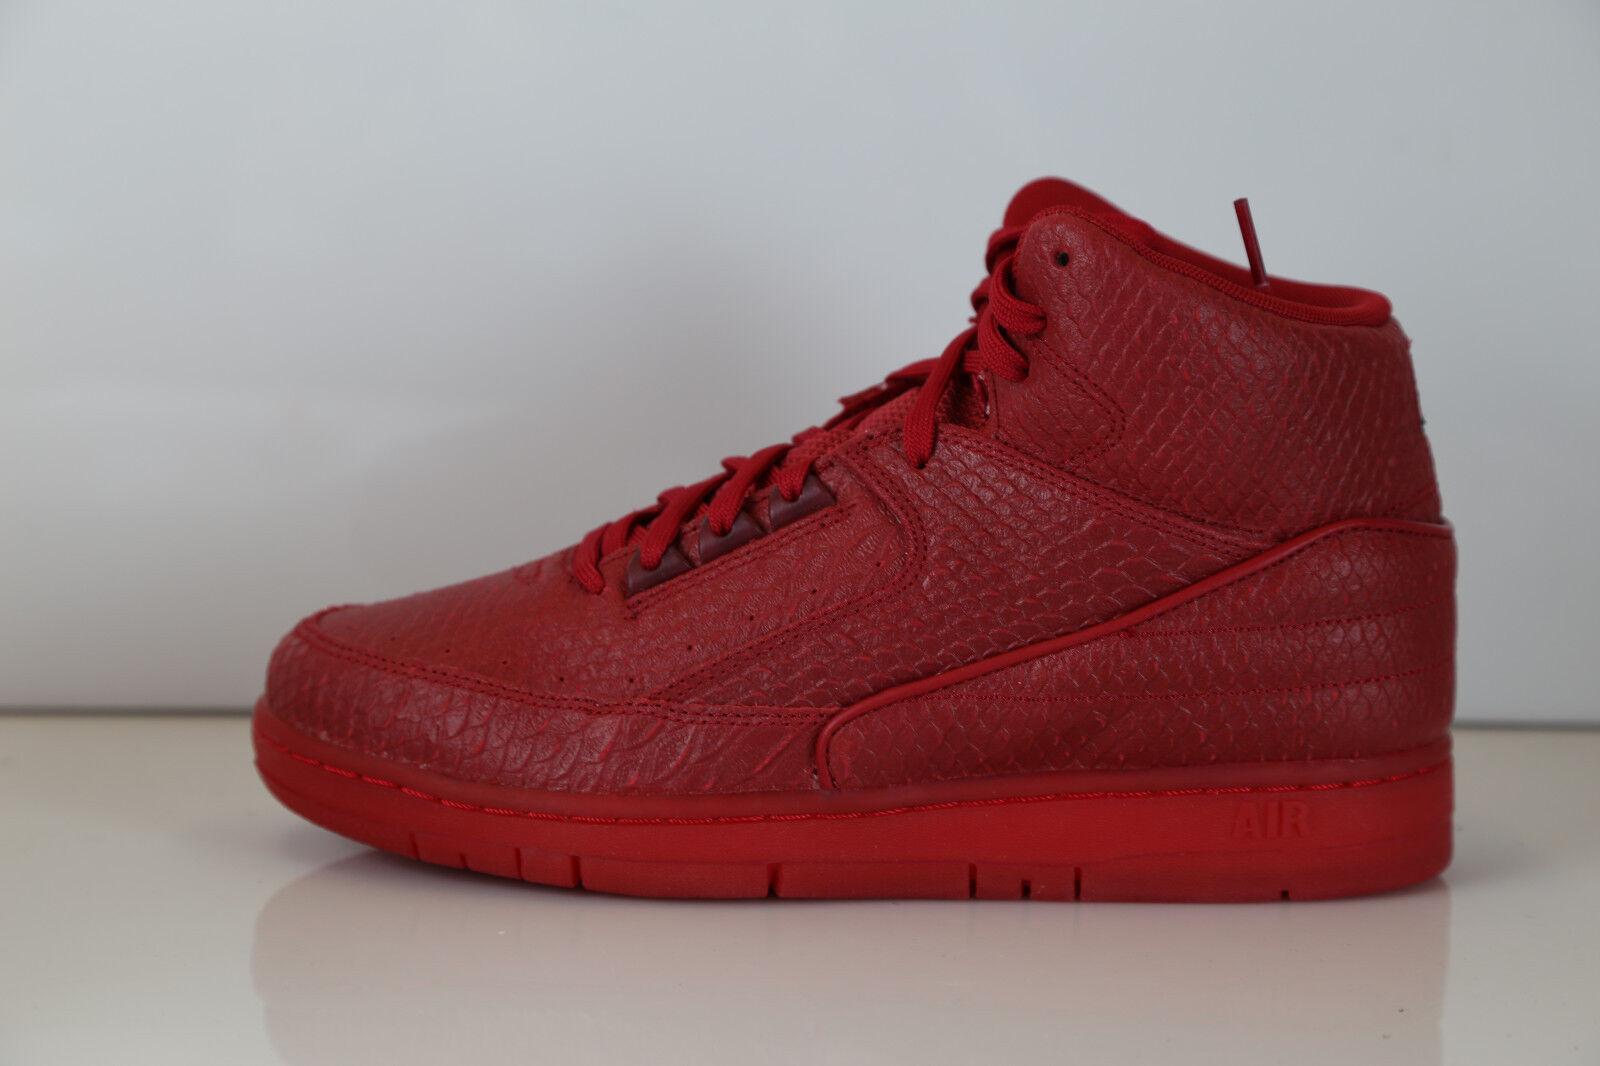 Nike Air Python Premium PRM Gym Red 705066-600 8-10 supreme 1